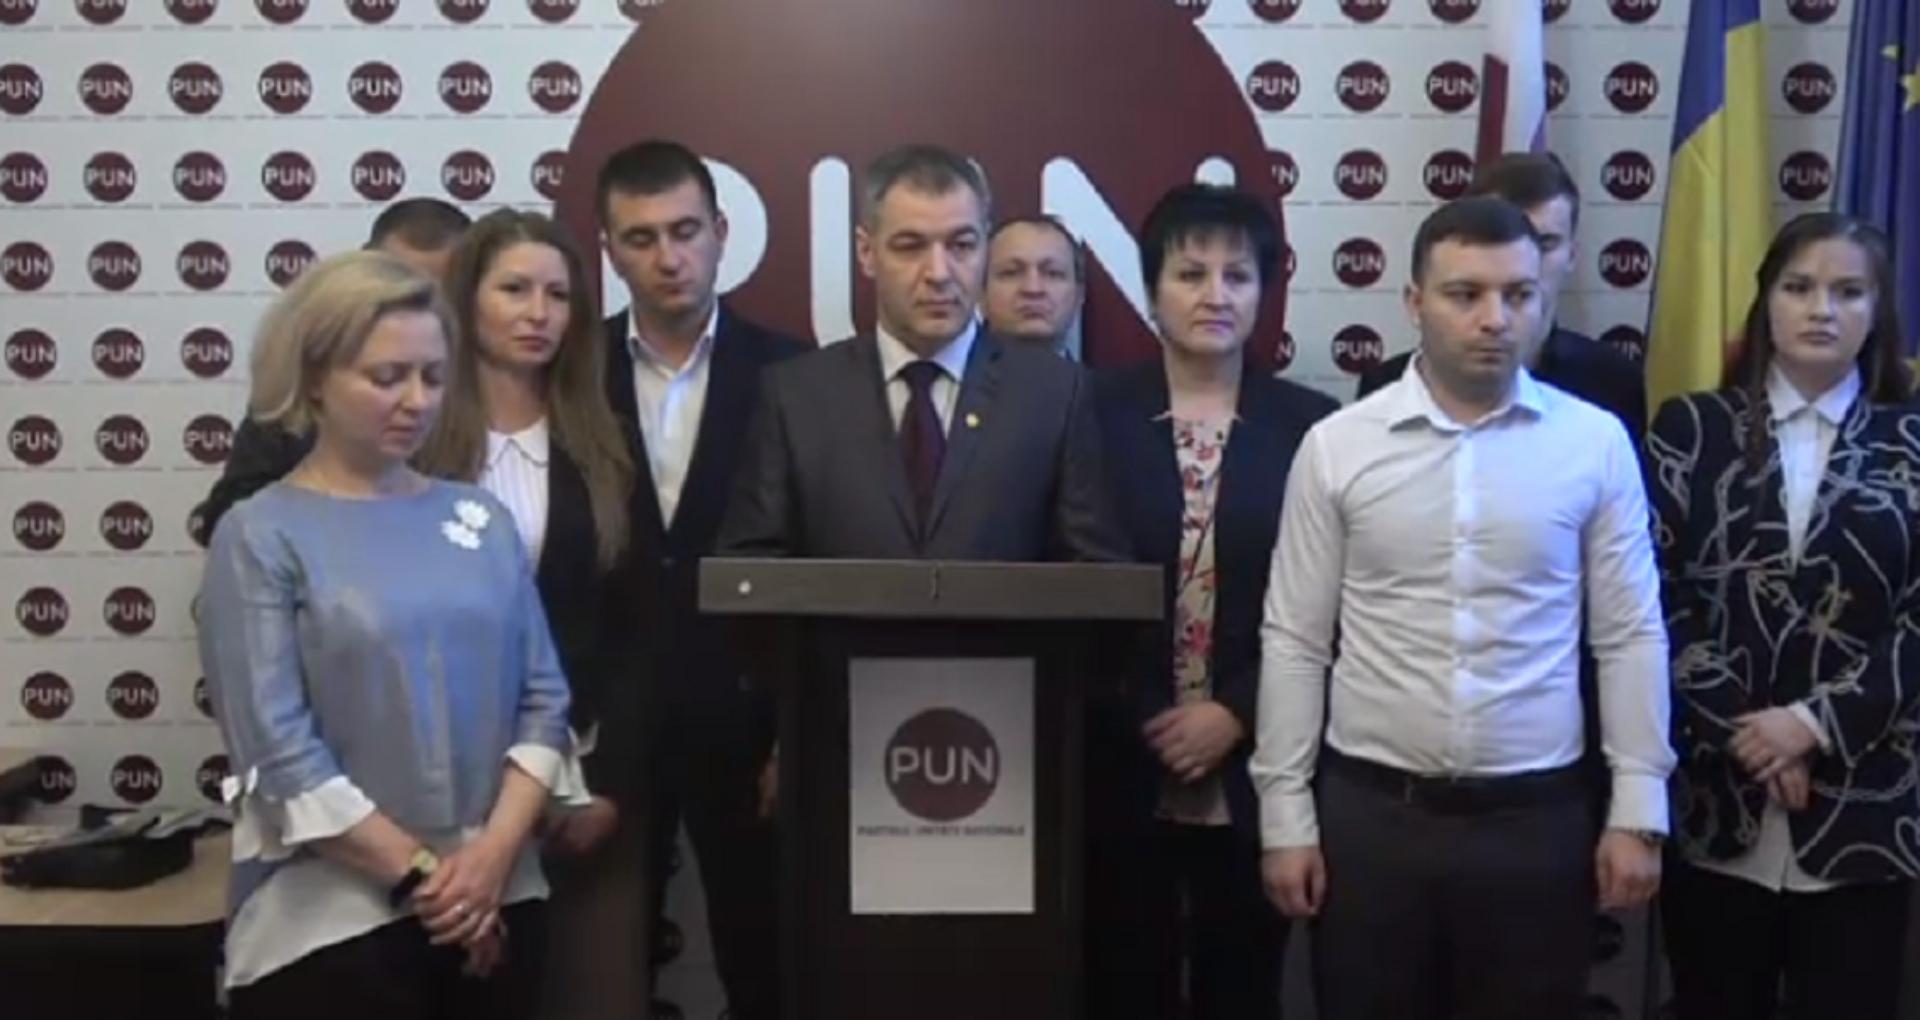 CEC a înregistrat oficial Partidul Unității Naționale în cursa electorală pentru anticipatele din 11 iulie